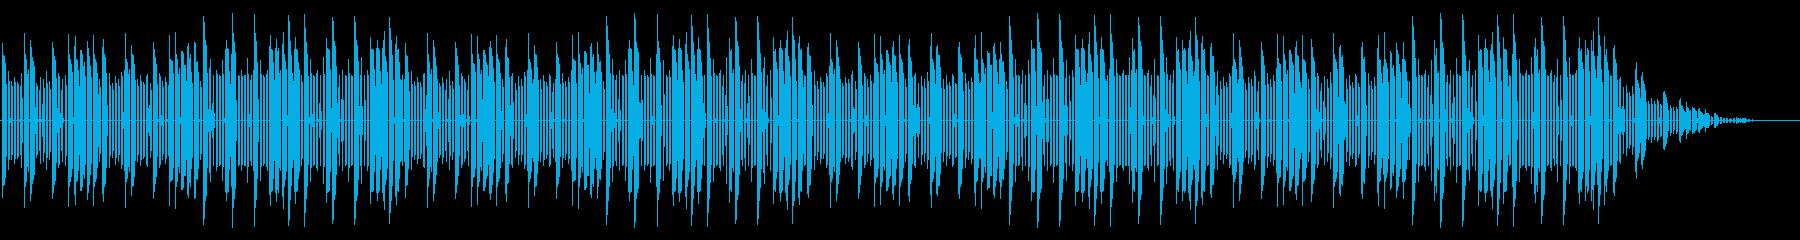 GB風スポーツ系格闘ゲームのタイトル曲の再生済みの波形